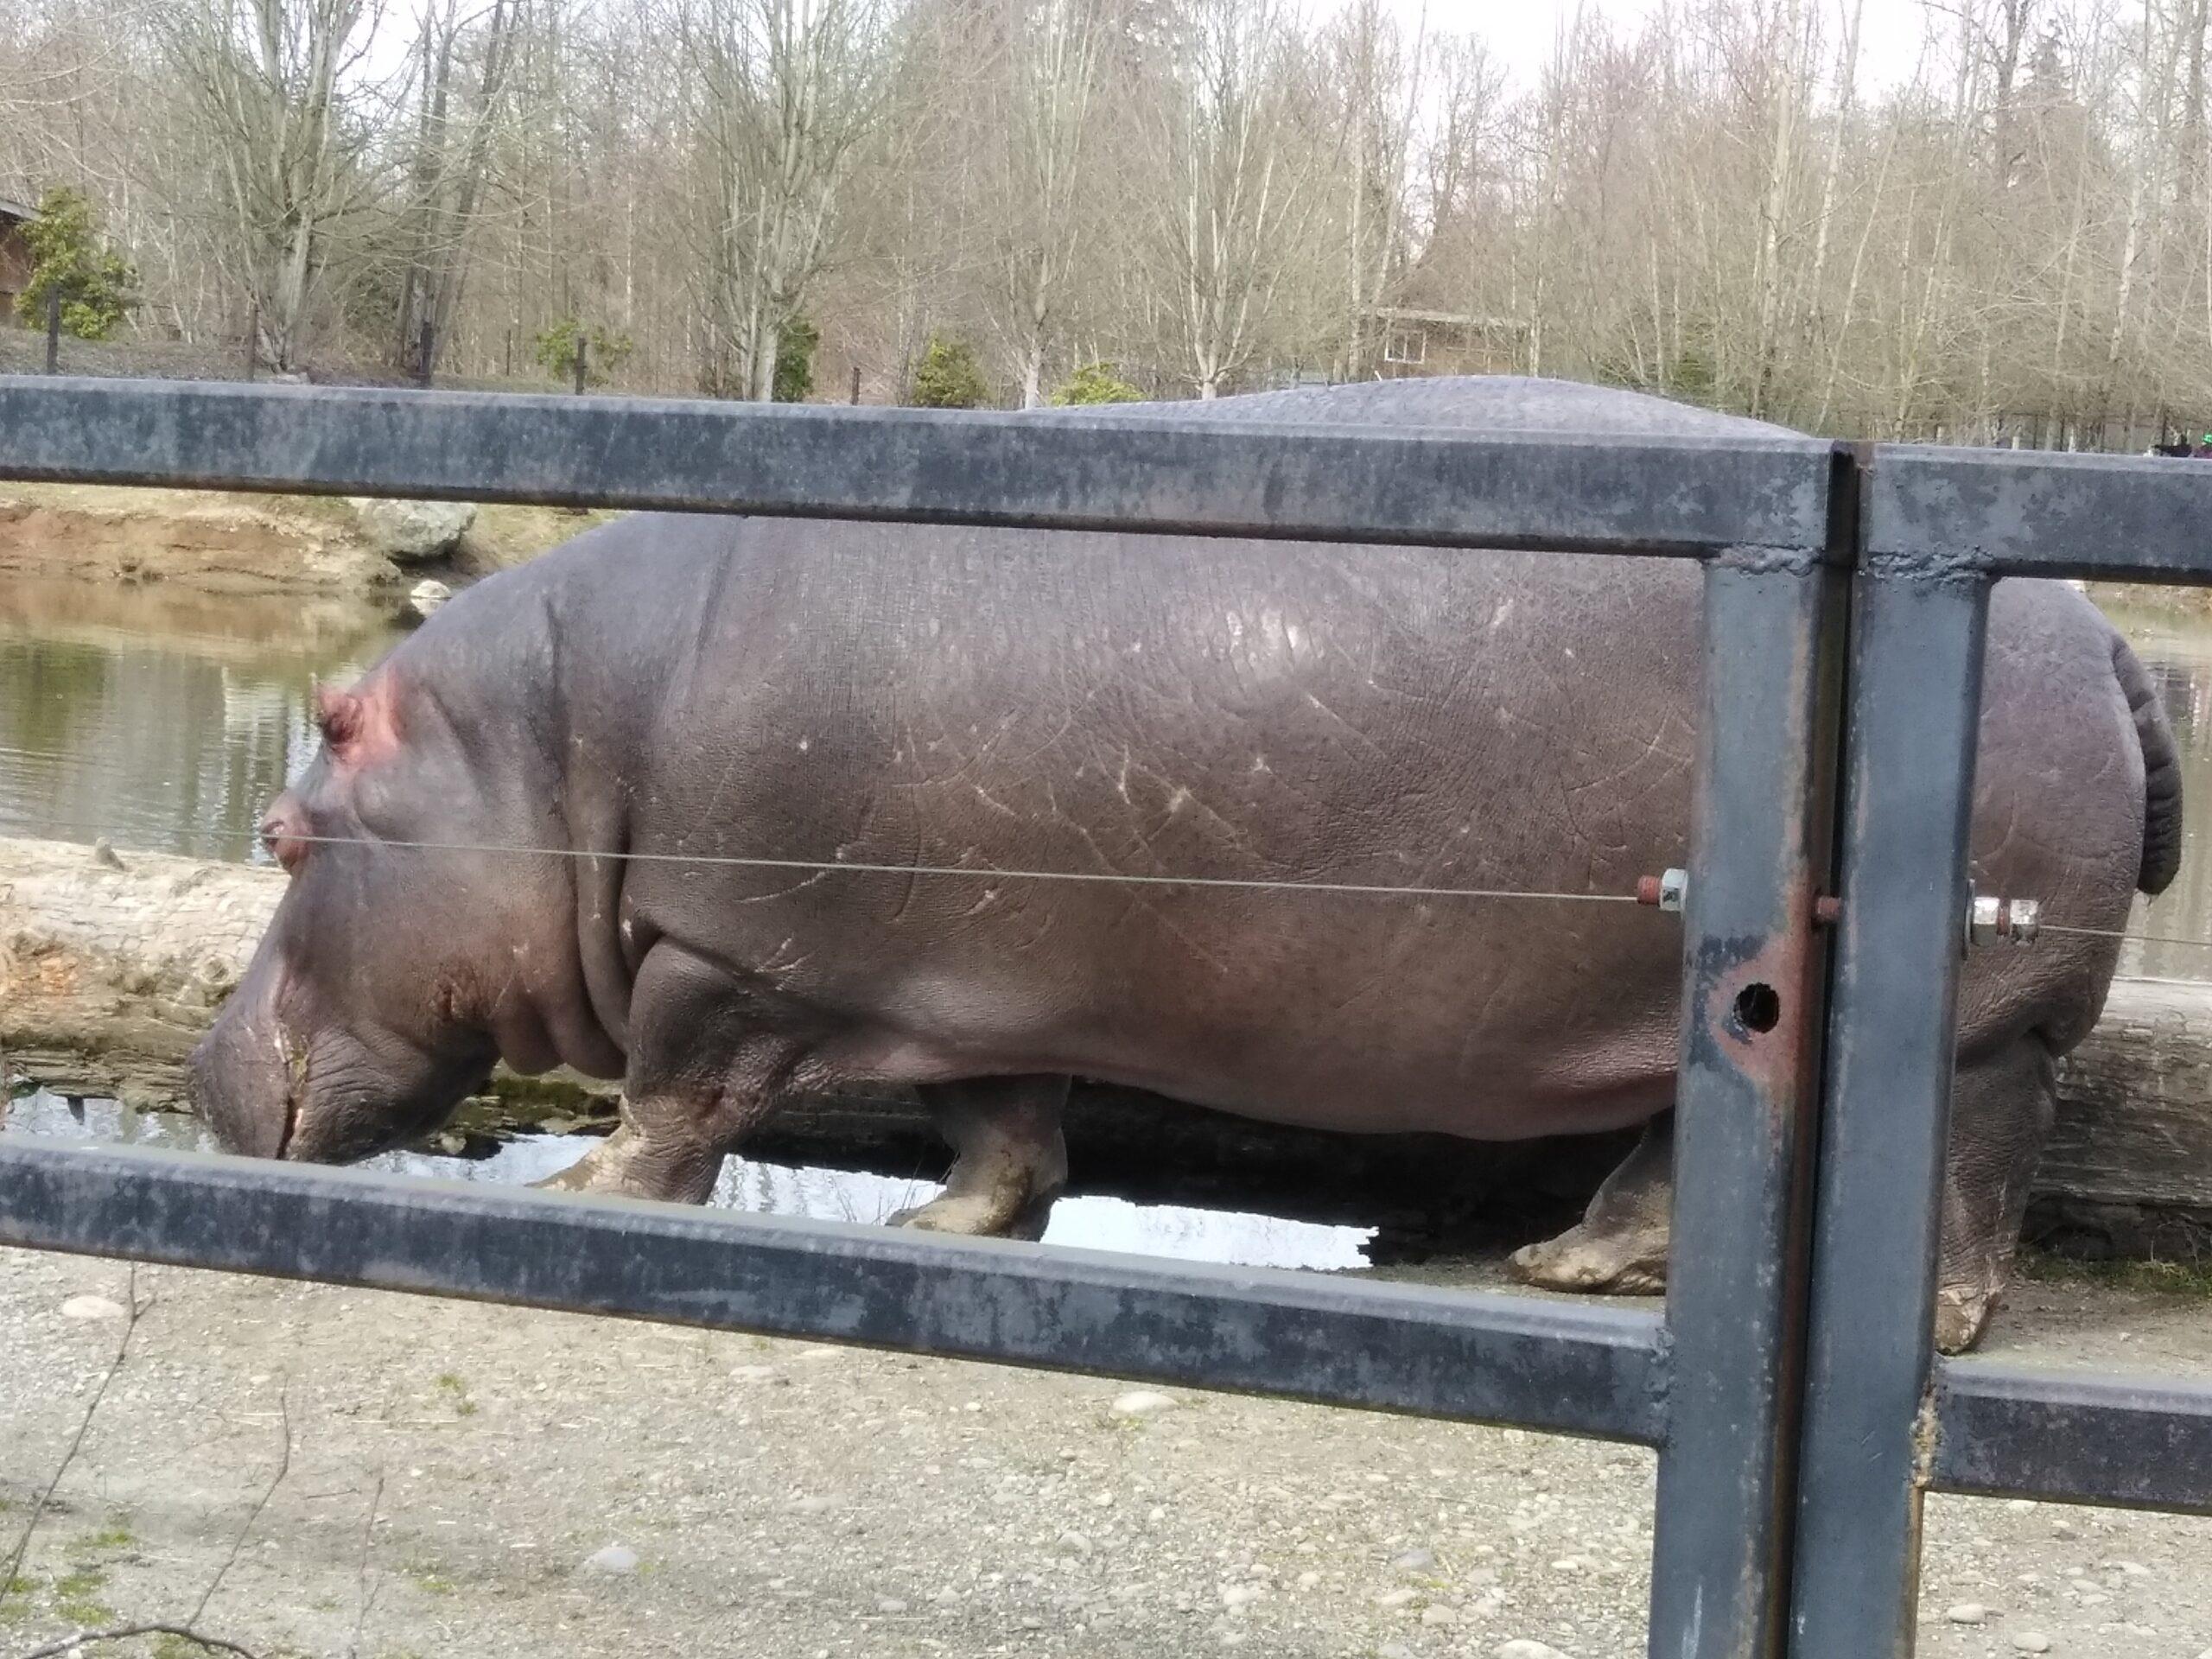 バンクーバー動物園のカバの写真